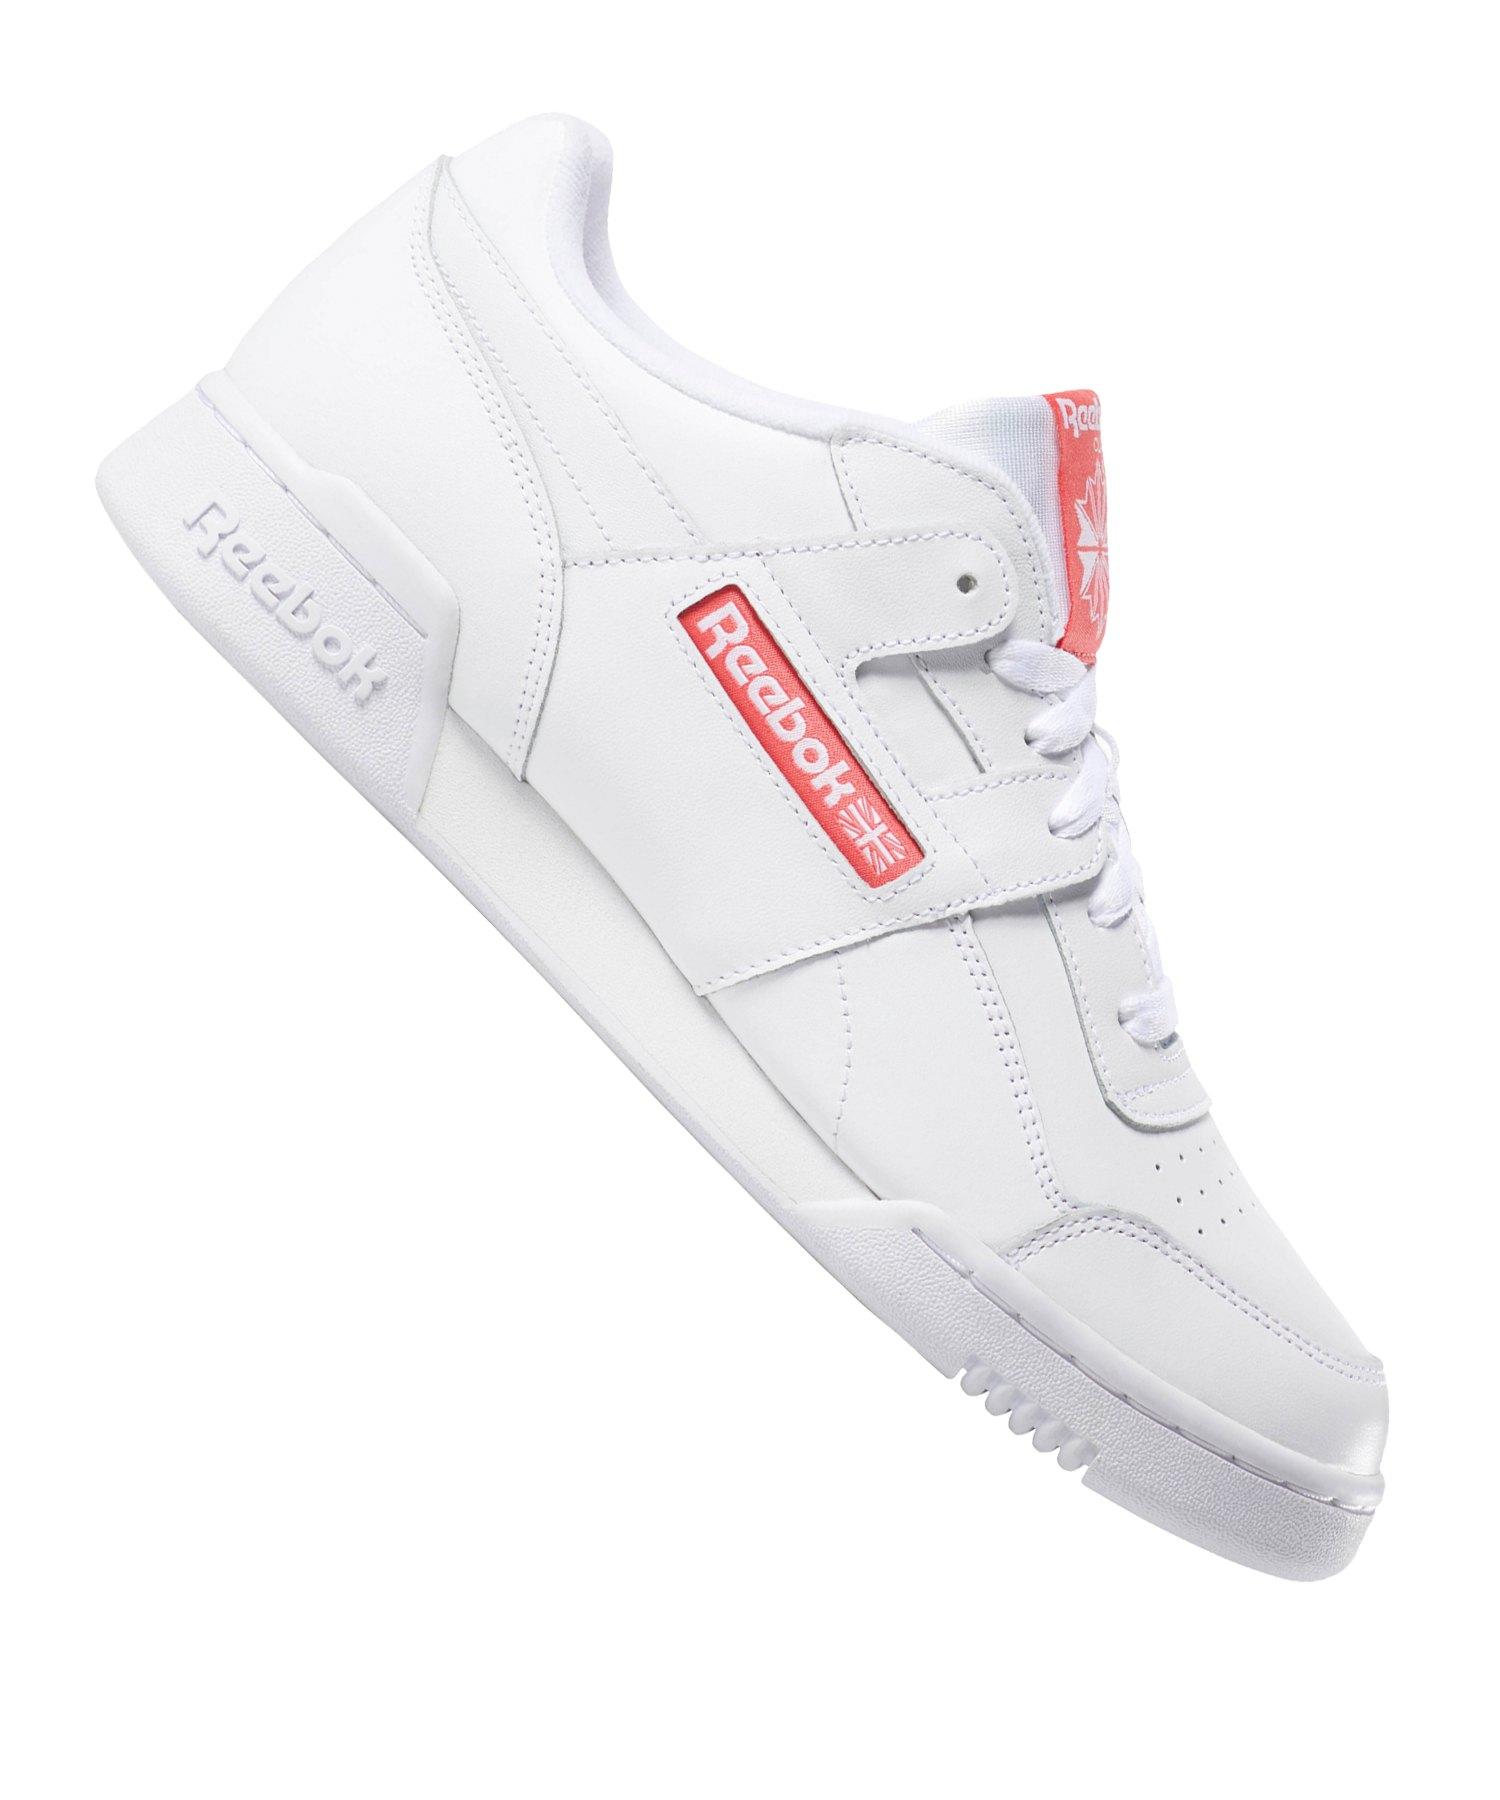 Reebok Workout Plus Damen Sneaker Weiß Schuhe |